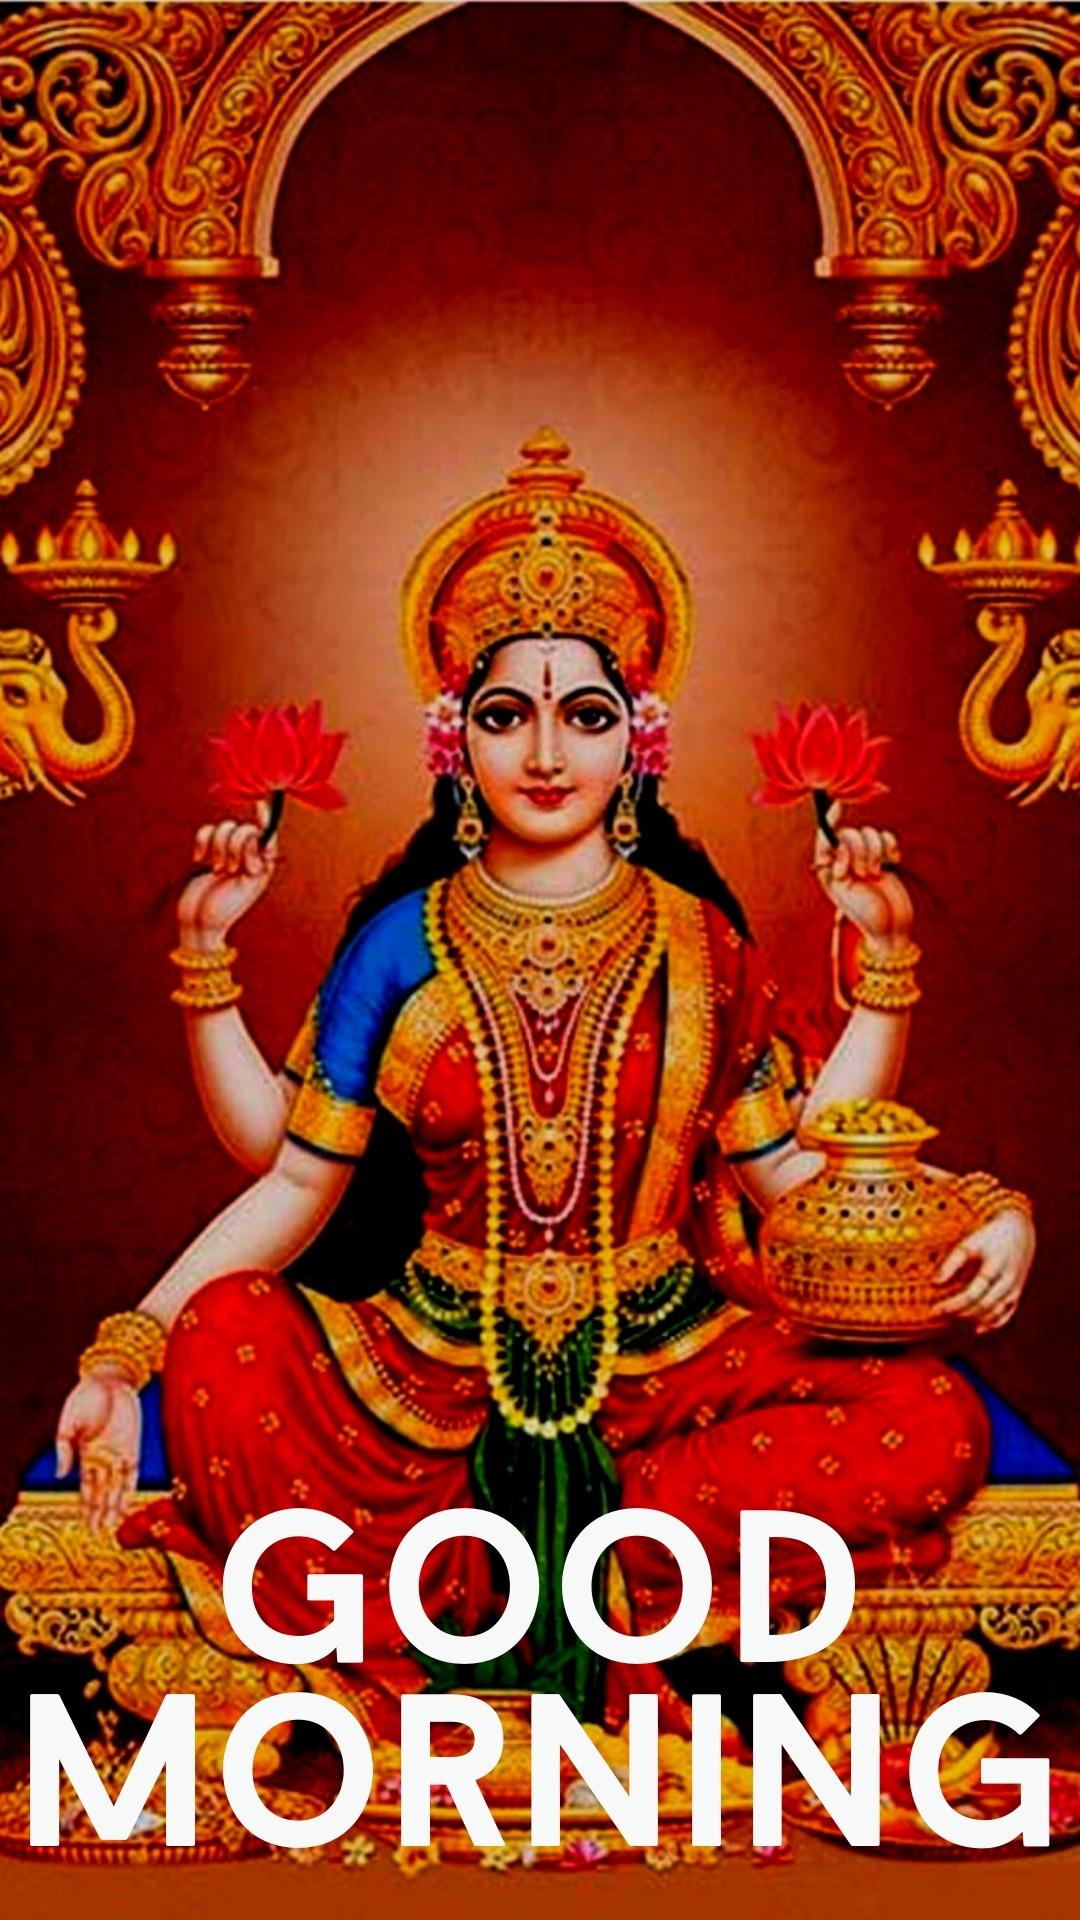 good morning images with mahalaxmi